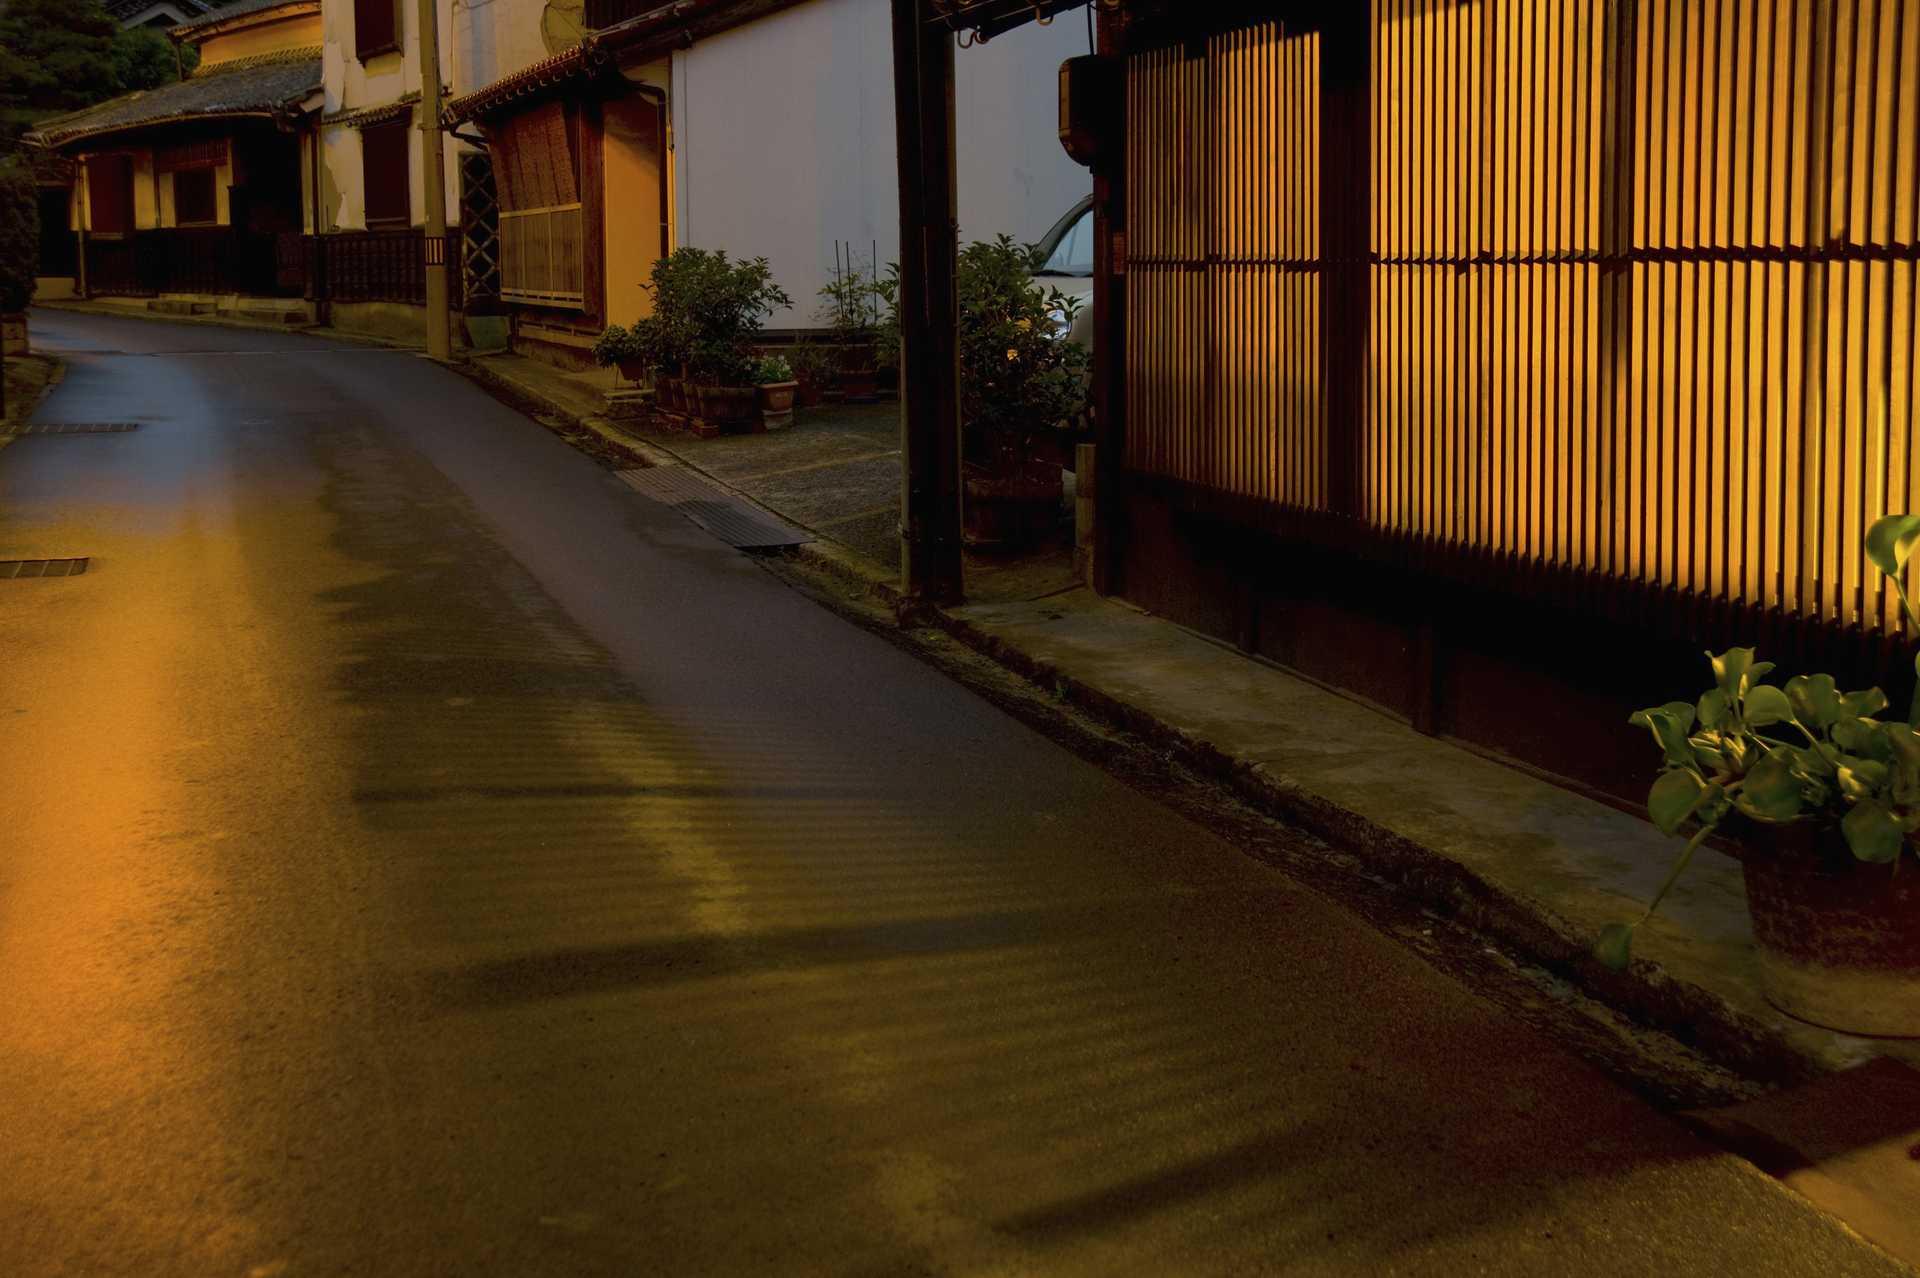 夜のウォーキングには、朝や昼にはないメリットがある。ただし、デメリットにも注意せよ。 | 脳を刺激する30の歩き方